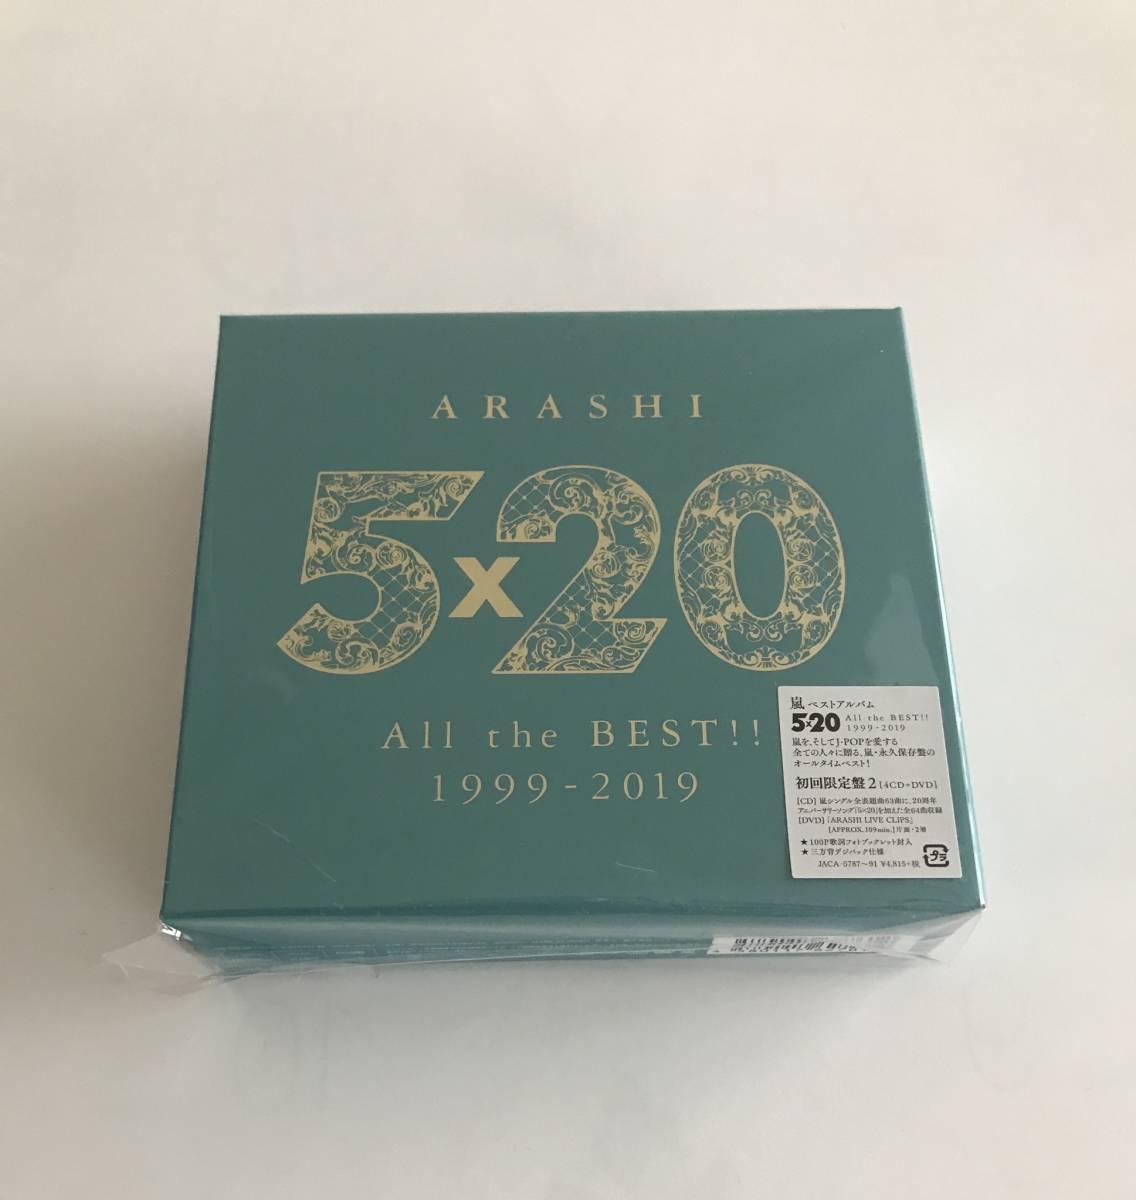 嵐 5×20 All the BEST!! 1999-2019 初回限定盤1と2 (2個セット)_画像5